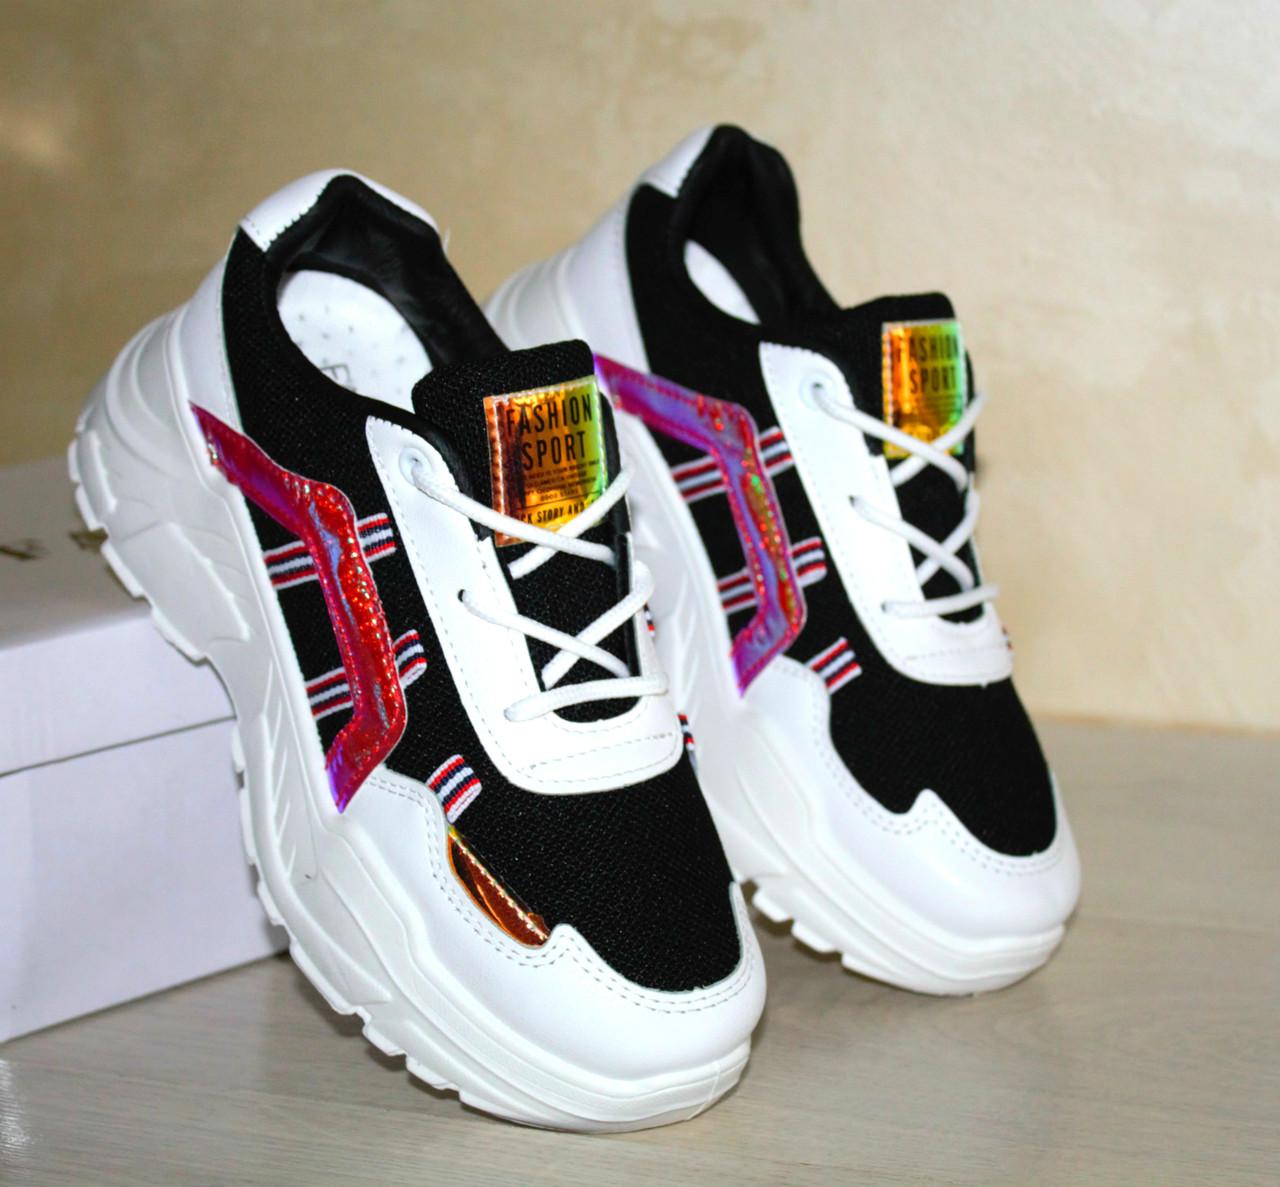 Женские Стильные Кроссовки с Цветными вставками, Отличное качество, Размер 40